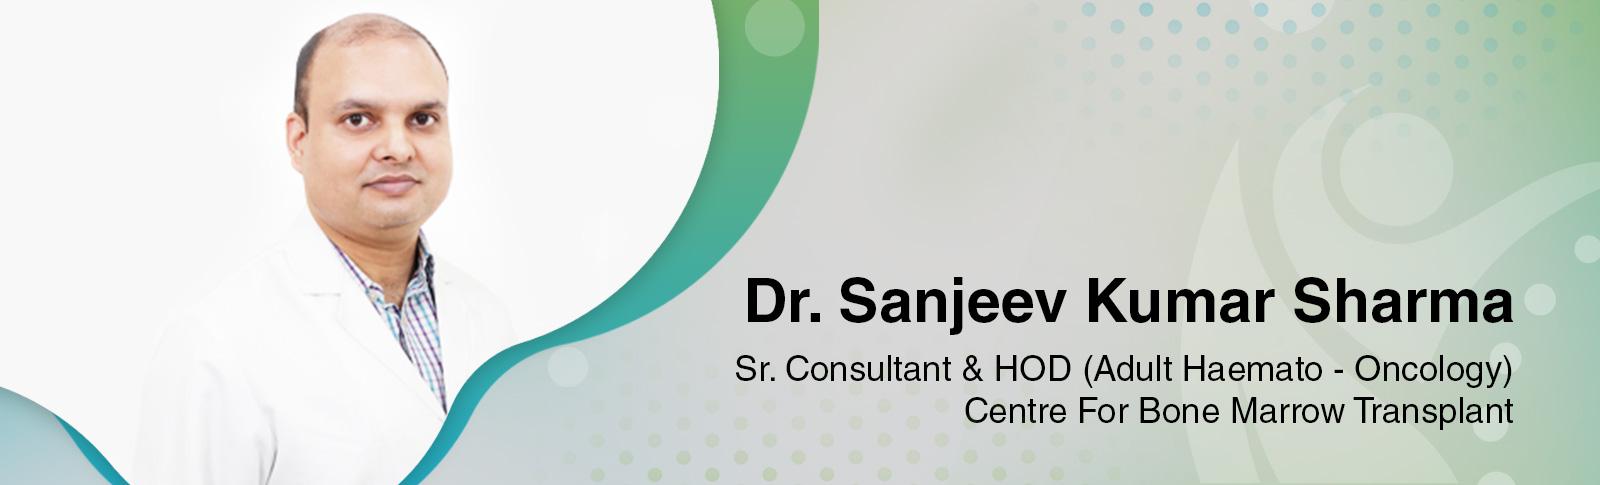 Dr. Sanjeev Kumar Sharma